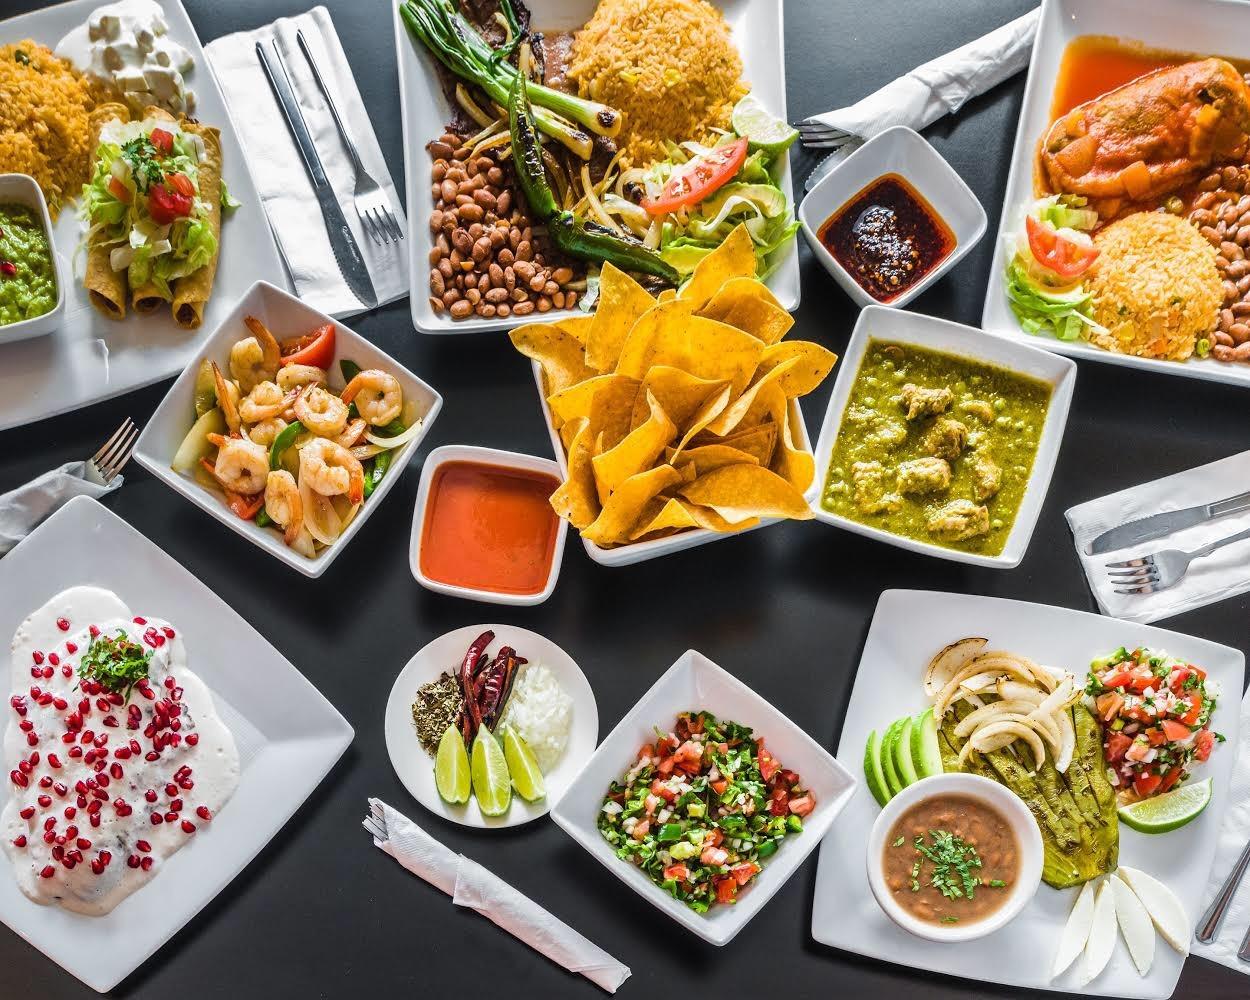 Chicopee's Frontera Grill celebrates Cinco de Mayo